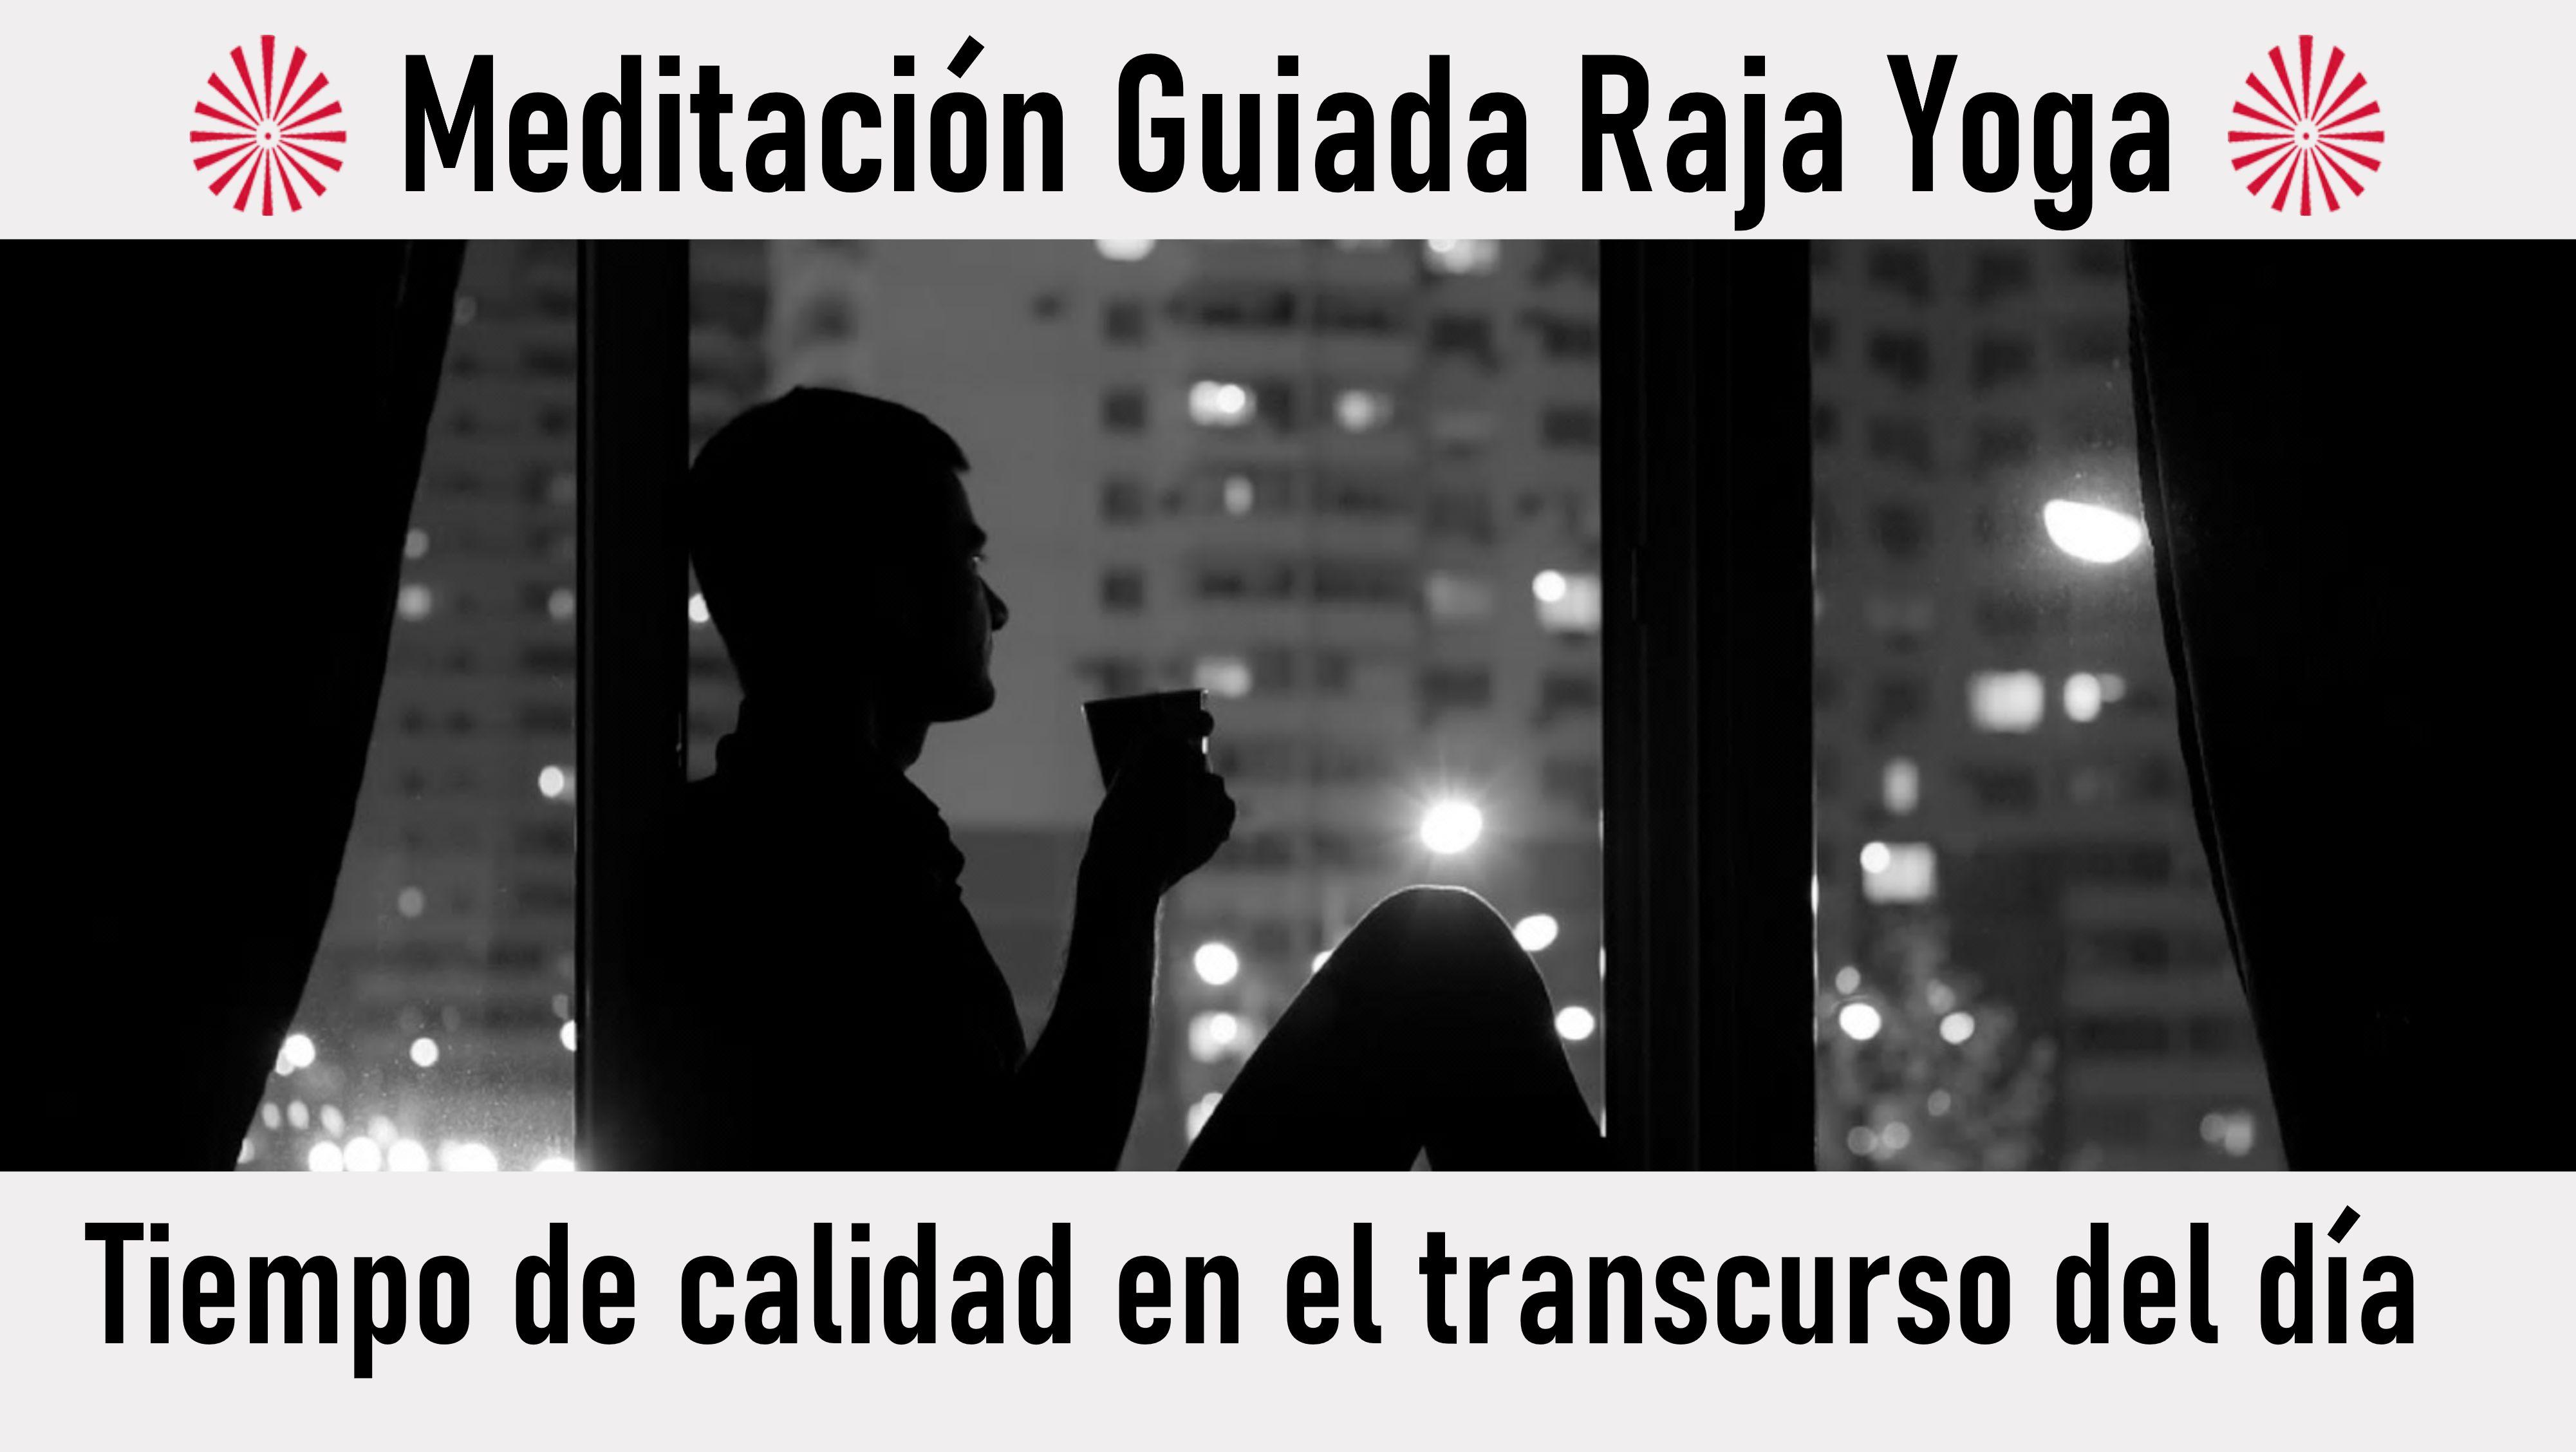 30 Julio 2020 Meditación guiada:Tiempo de calidad en el transcurso del día